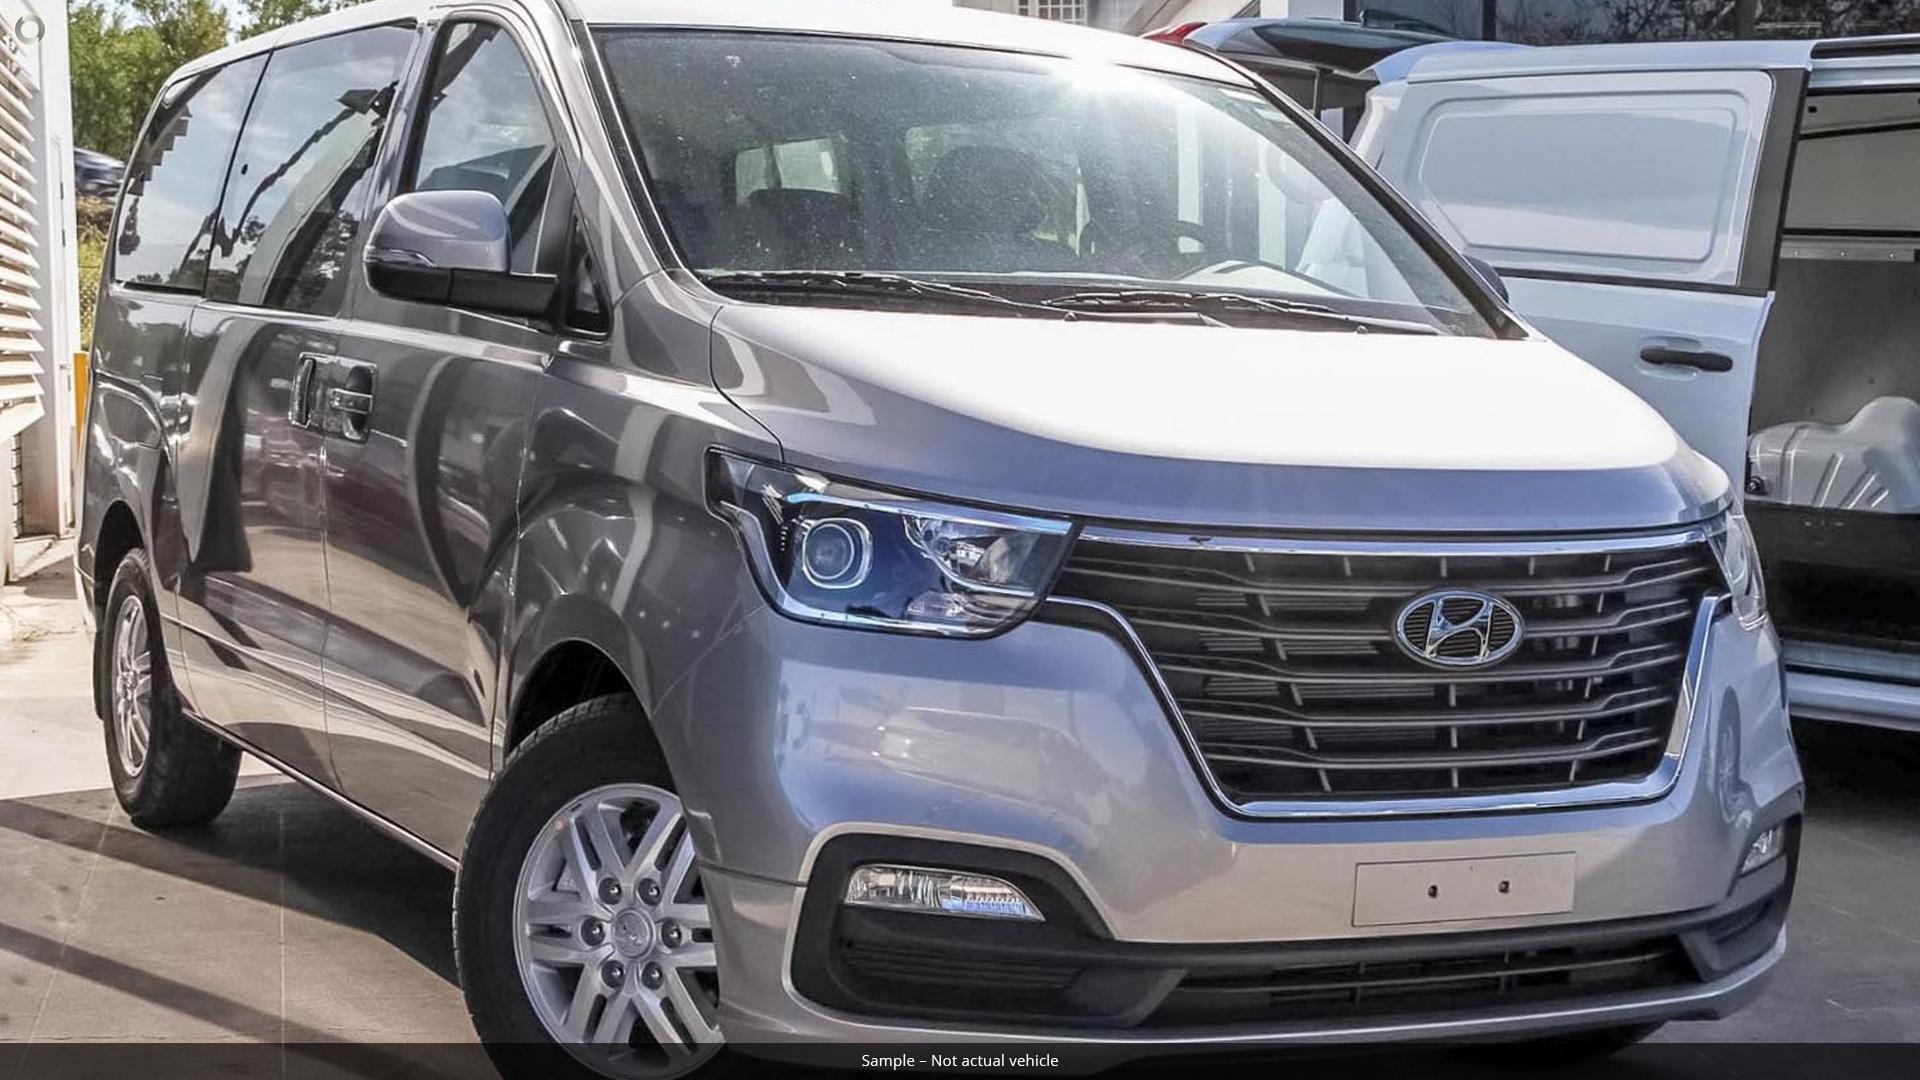 2019 Hyundai Imax TQ4